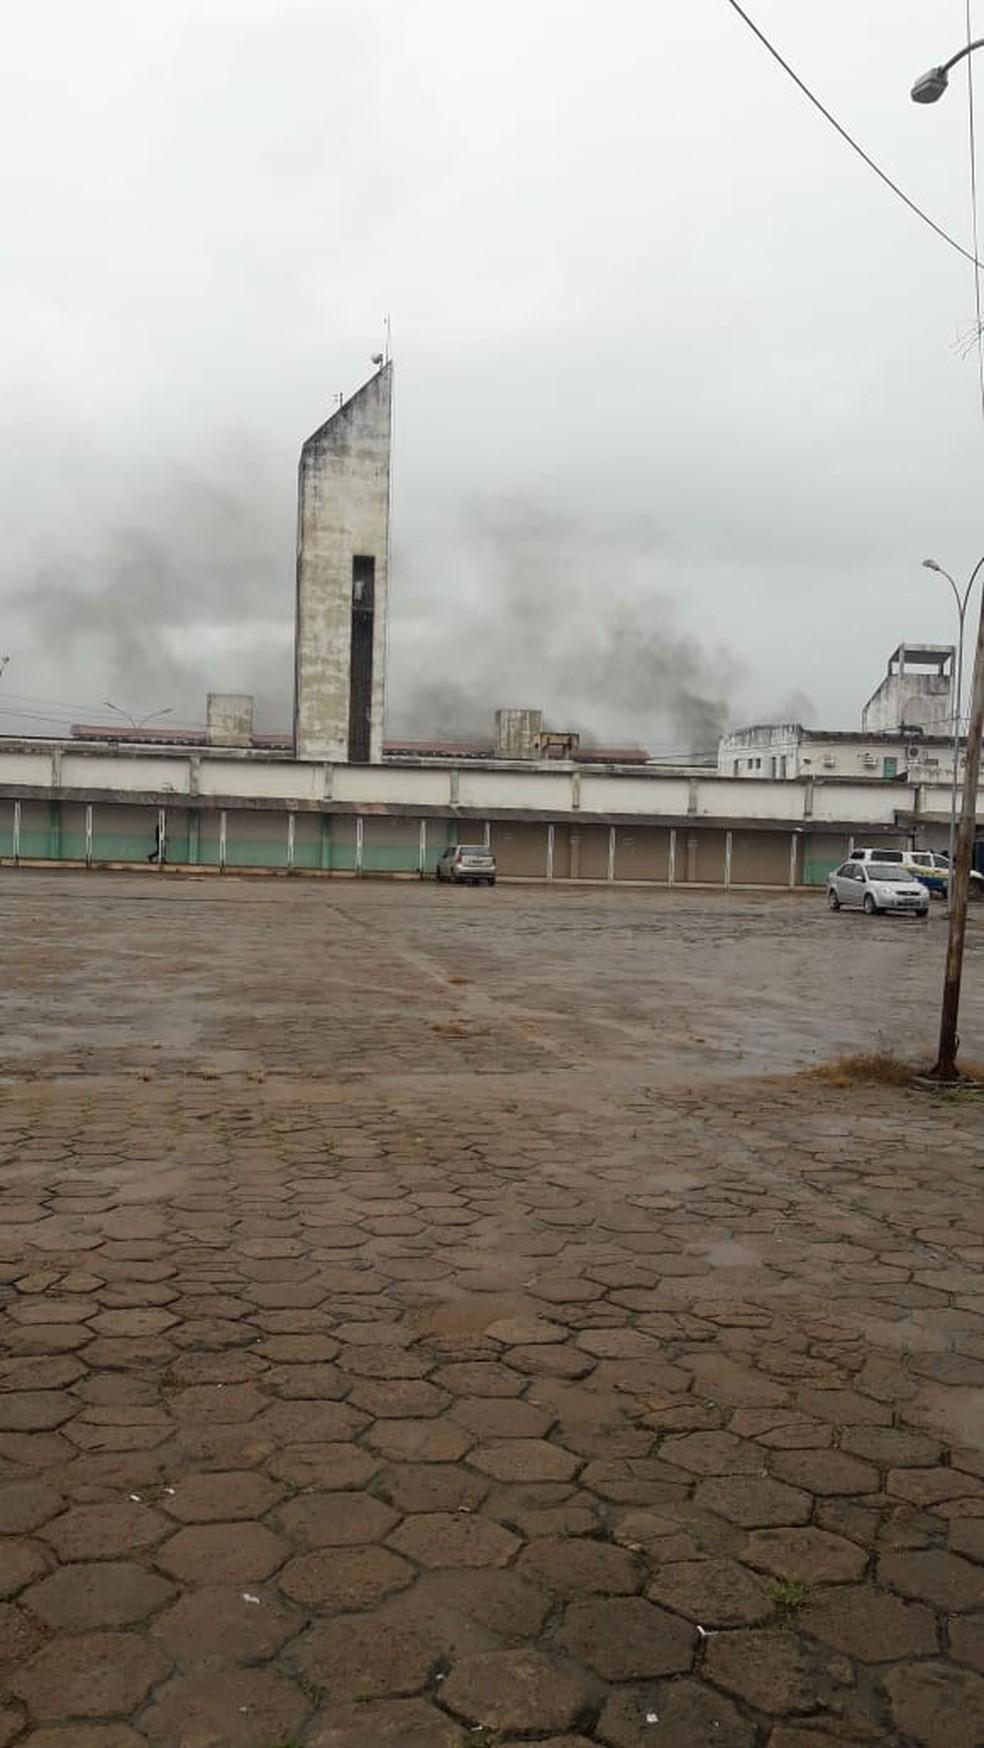 Fumaça foi vista no presídio durante a manhã — Foto: WhatsApp/Reprodução